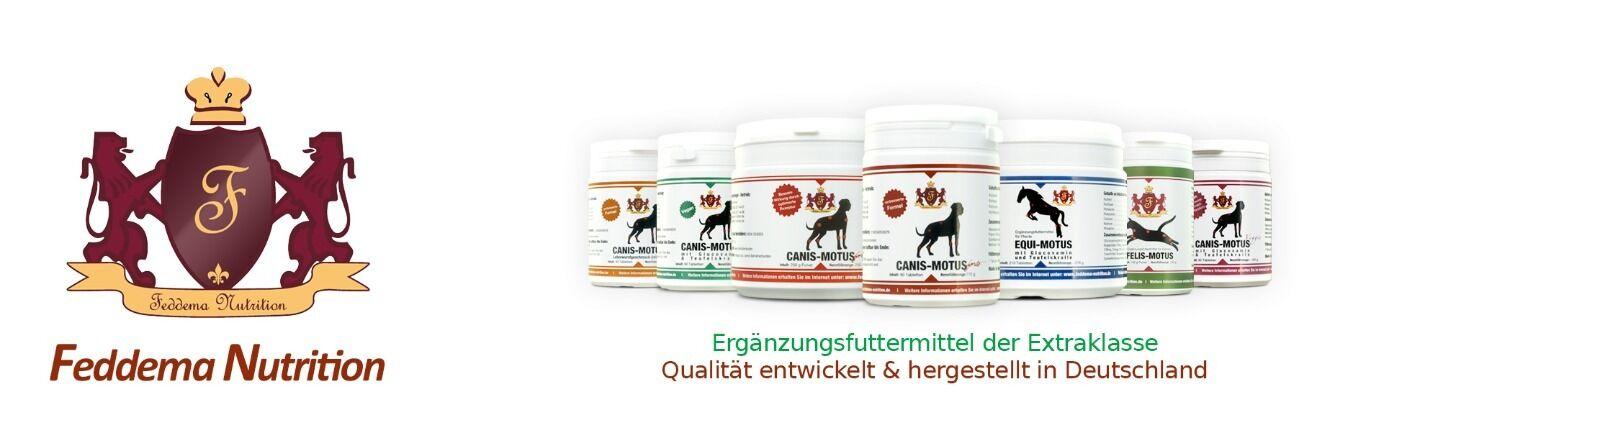 Feddema-Nutrition - Tiergesundheit